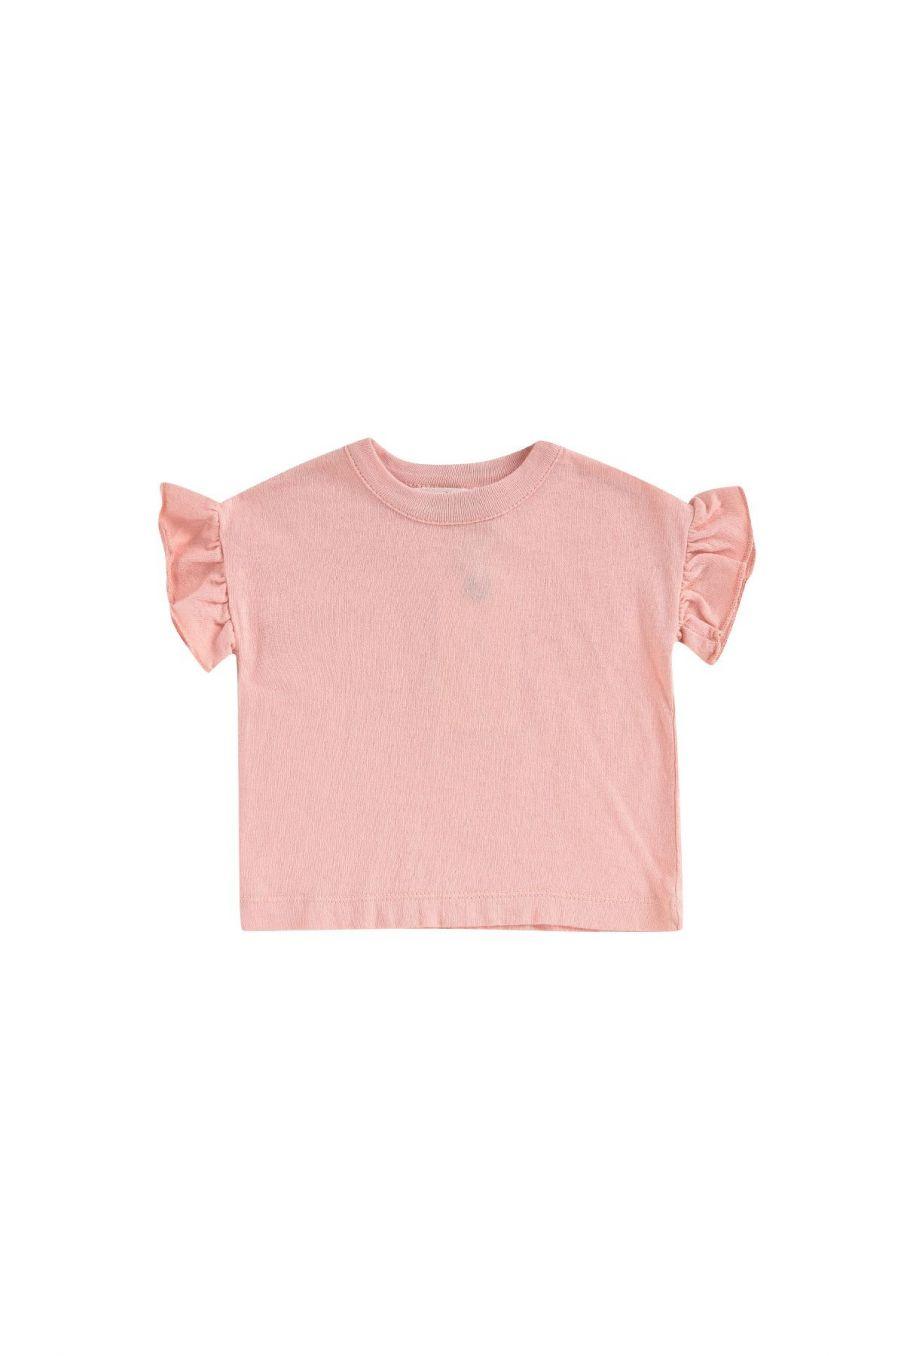 boheme chic vintage t-shirt bébé fille asibey corail